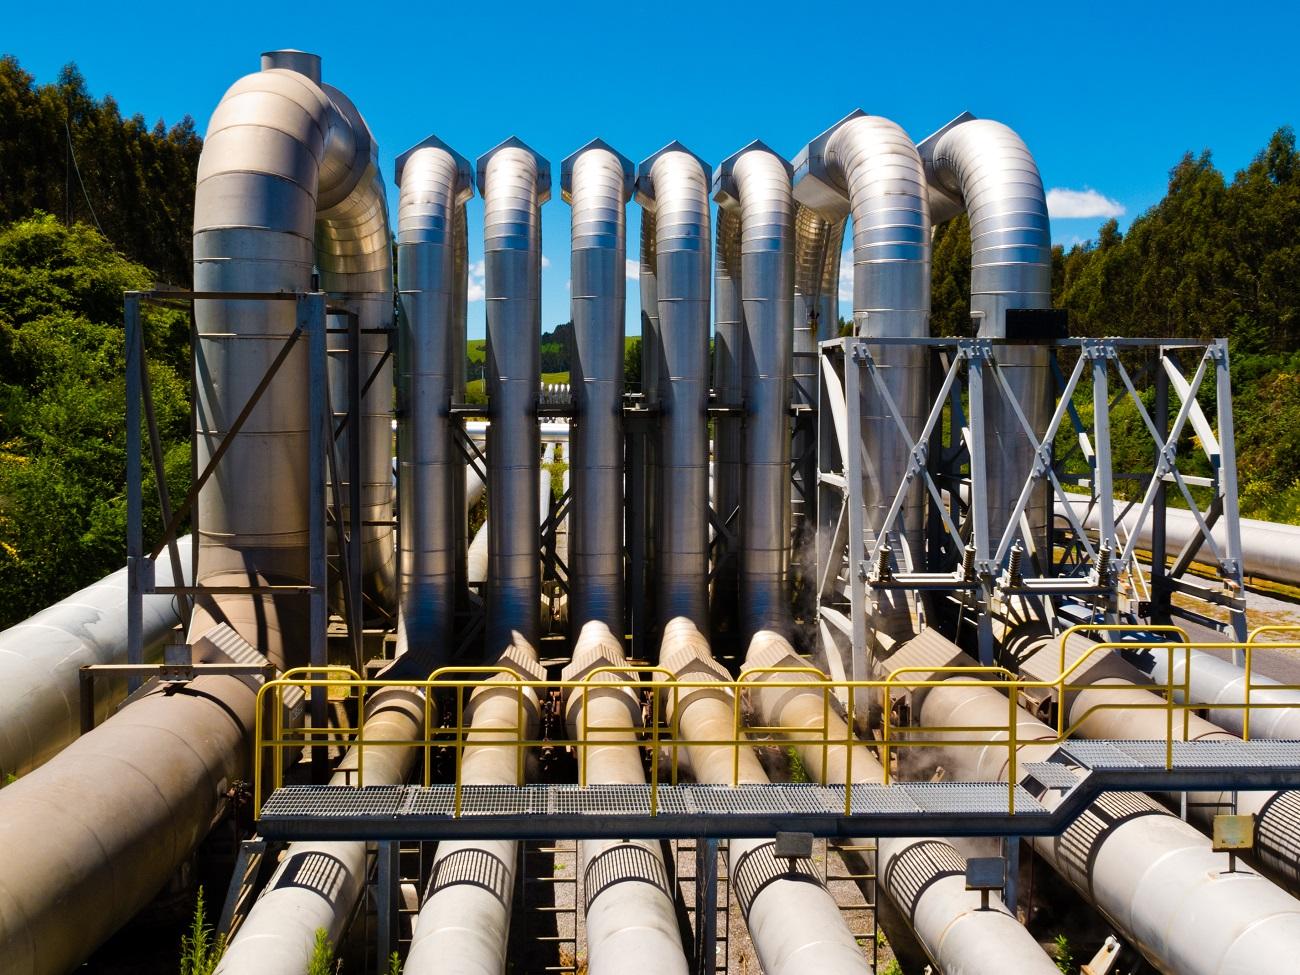 Las pérdidas de energía en tuberías pueden ocasionar problemas